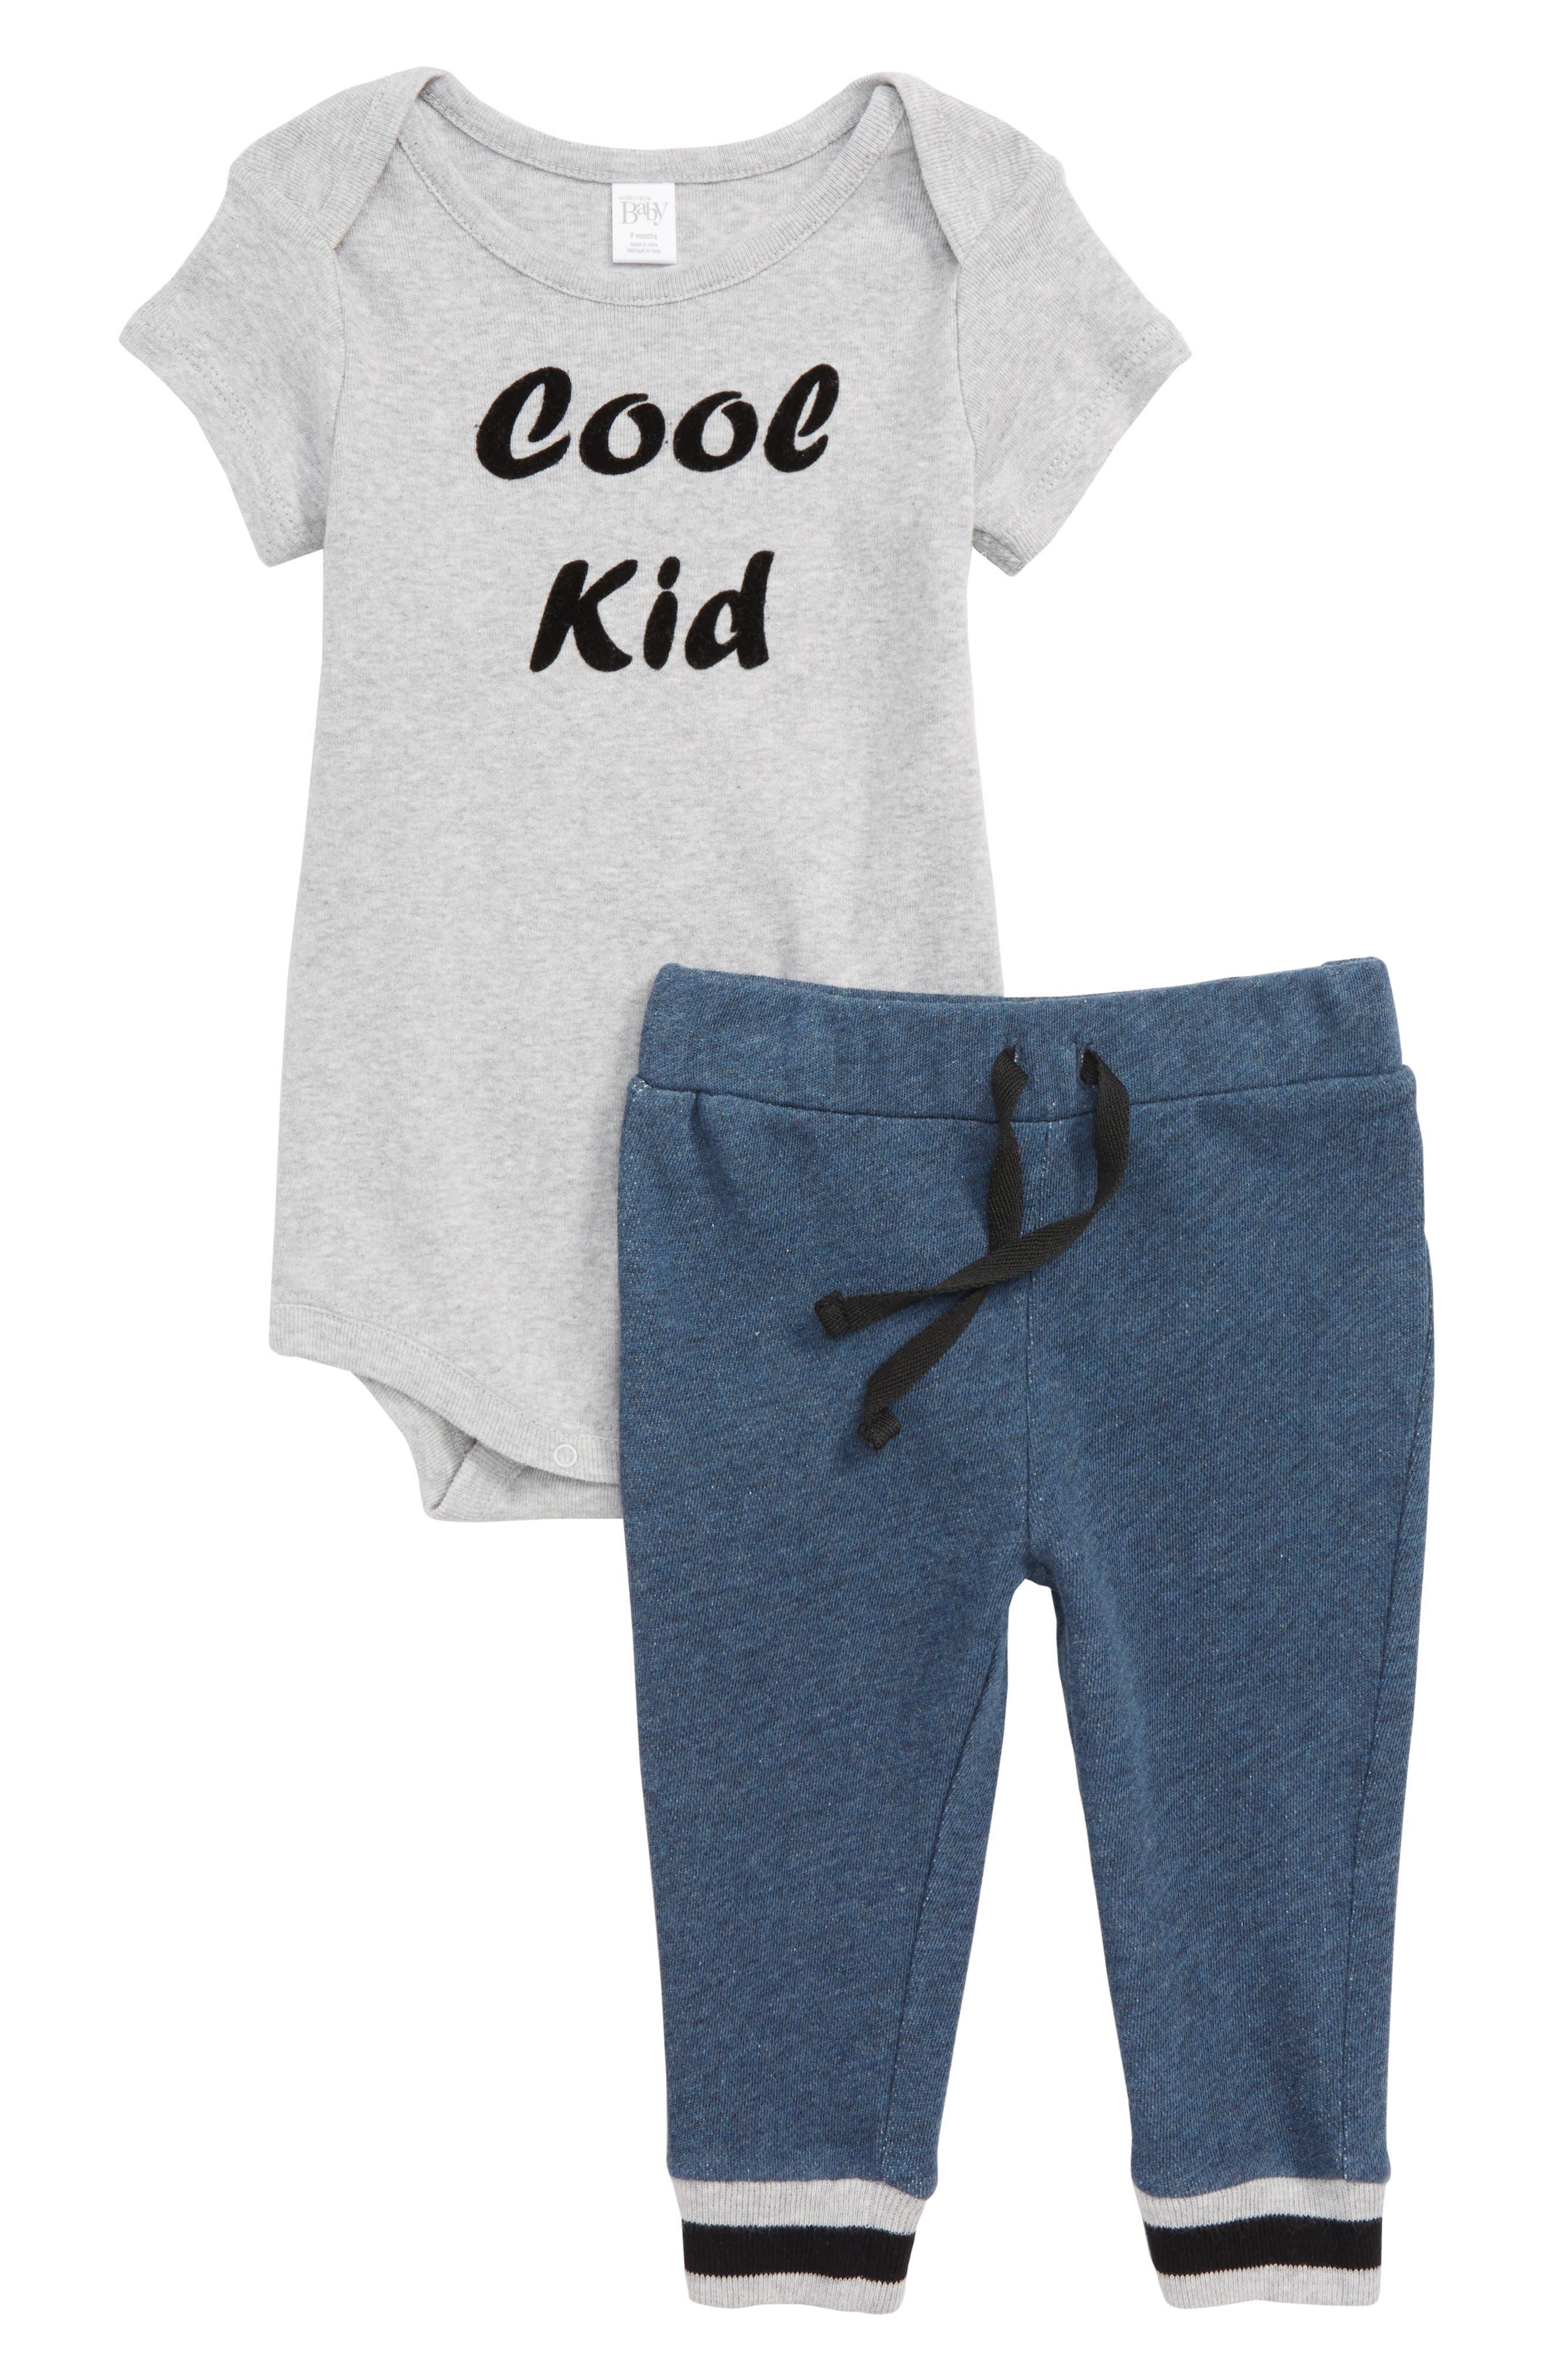 Cool Kid Bodysuit & Sweatpants Set,                             Main thumbnail 1, color,                             050